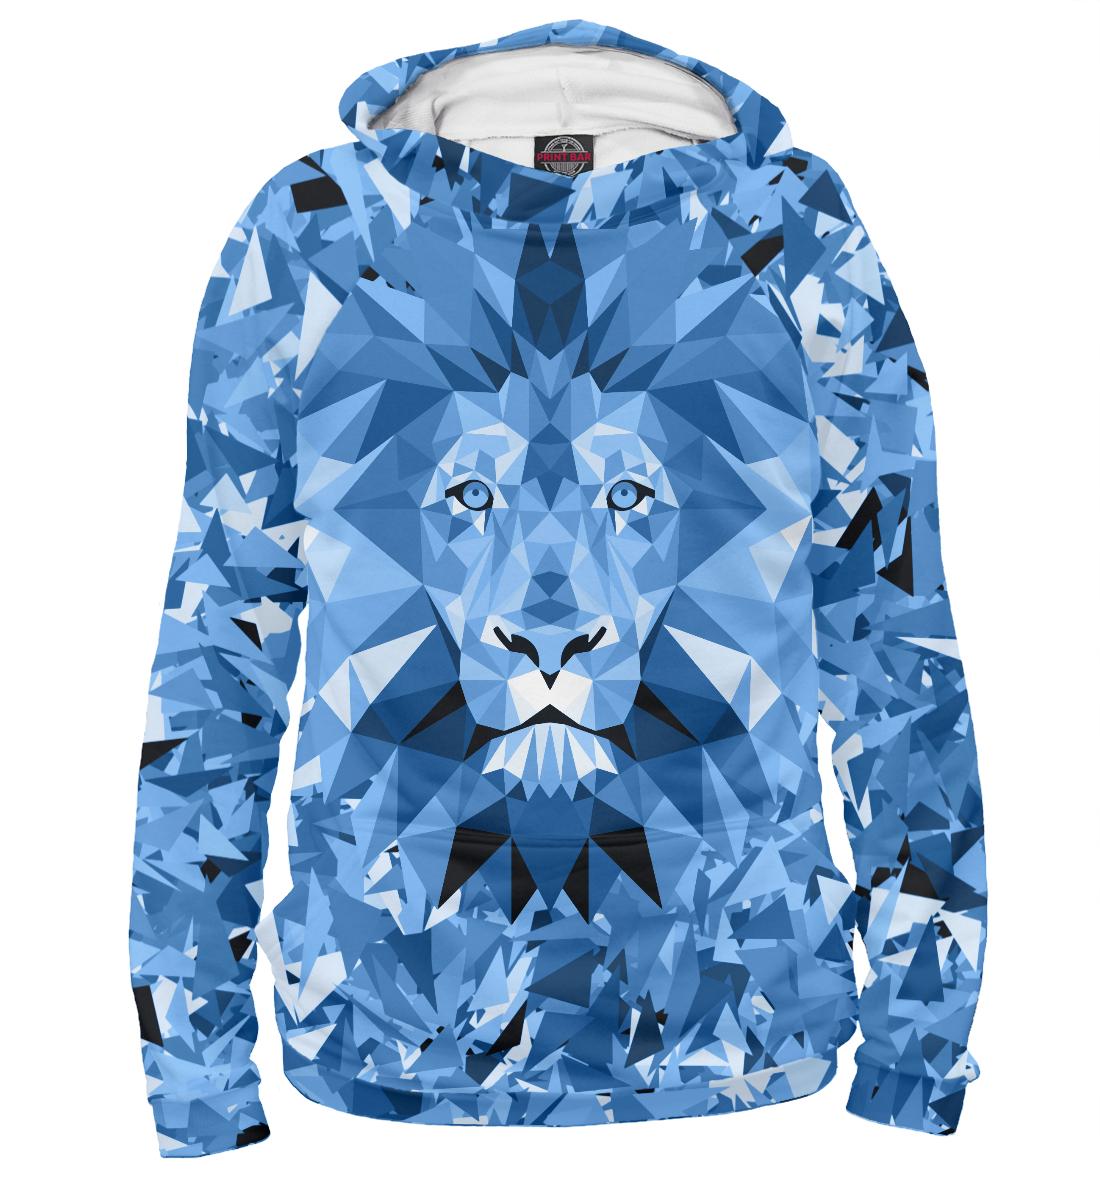 Купить Сине-бело-голубой лев, Printbar, Худи, ZNT-622473-hud-1